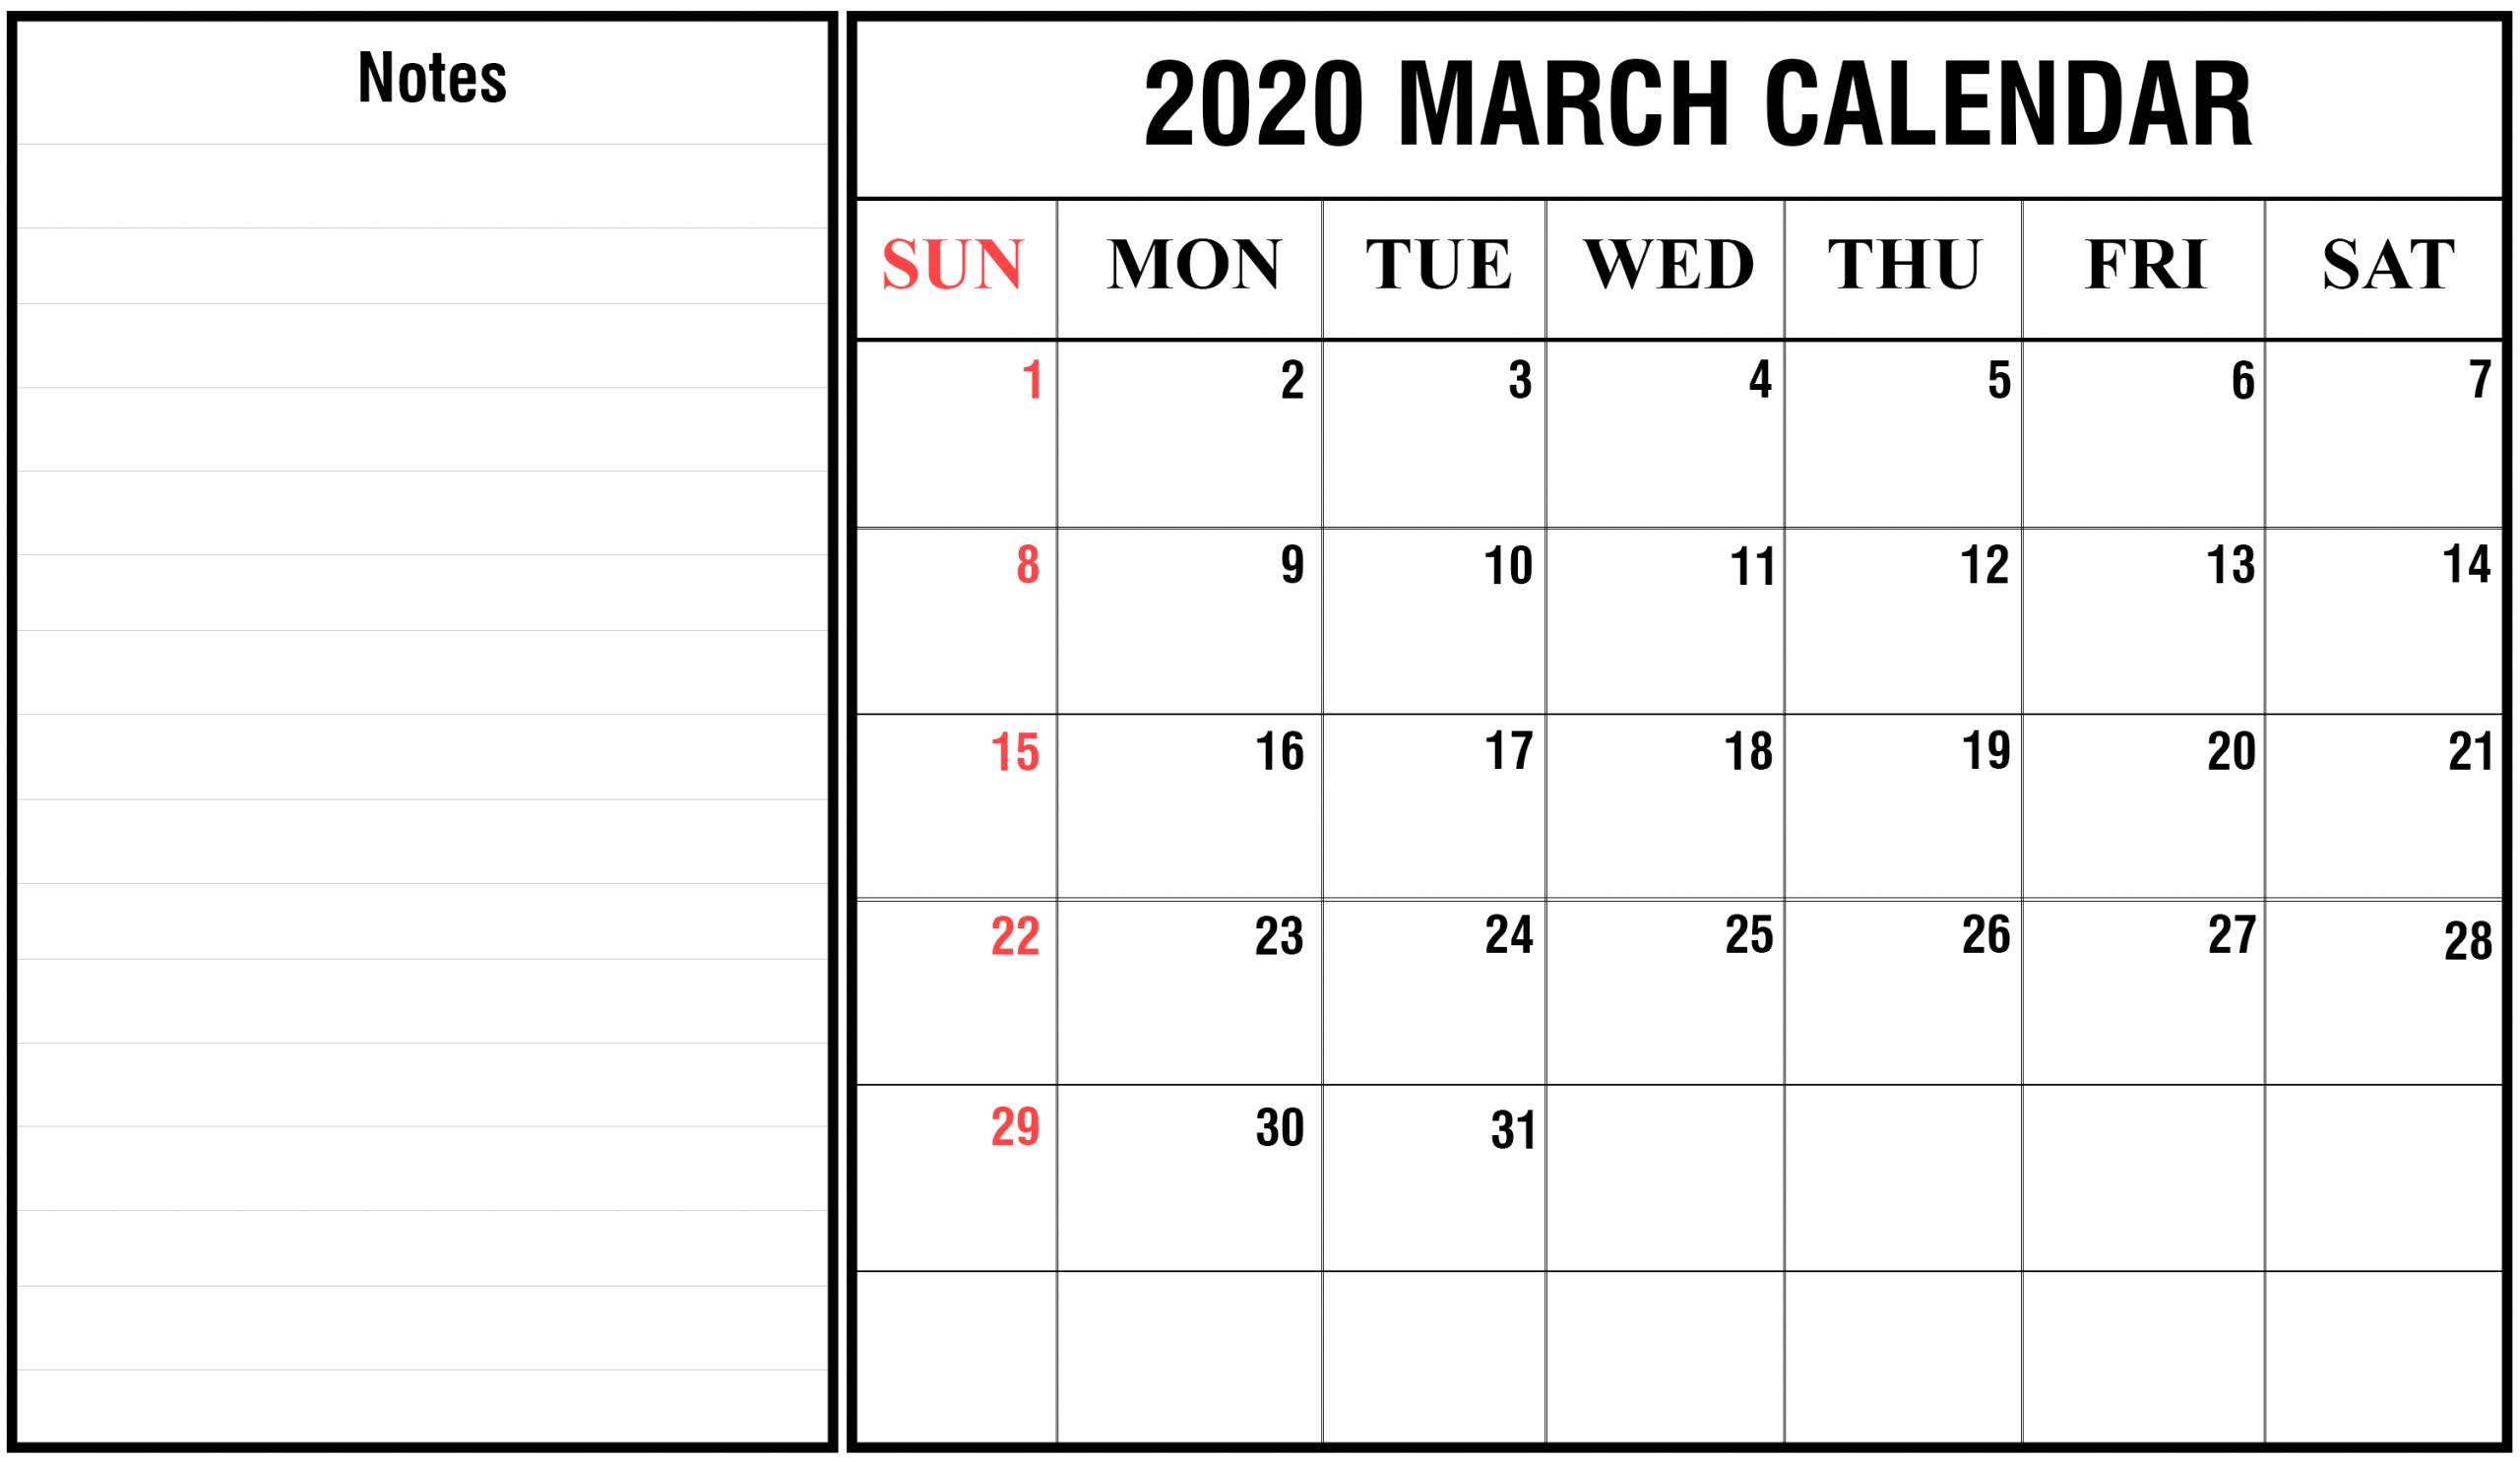 2020 March Calendar Printable Editable Template Blank 2